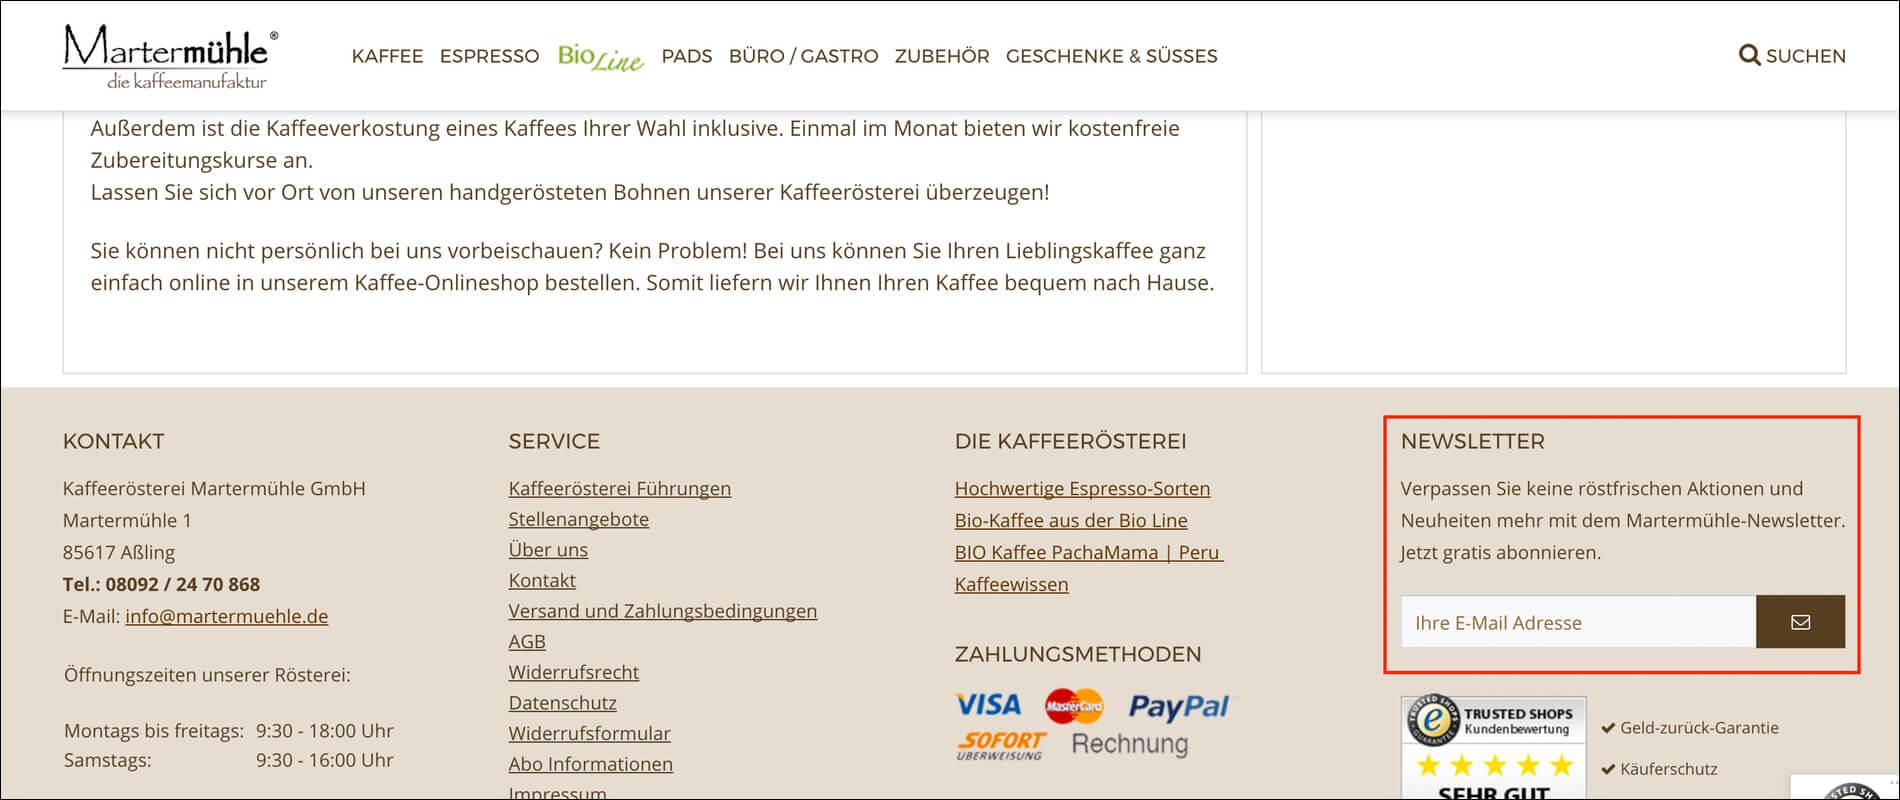 Newsletter zur Online Personalisierung.